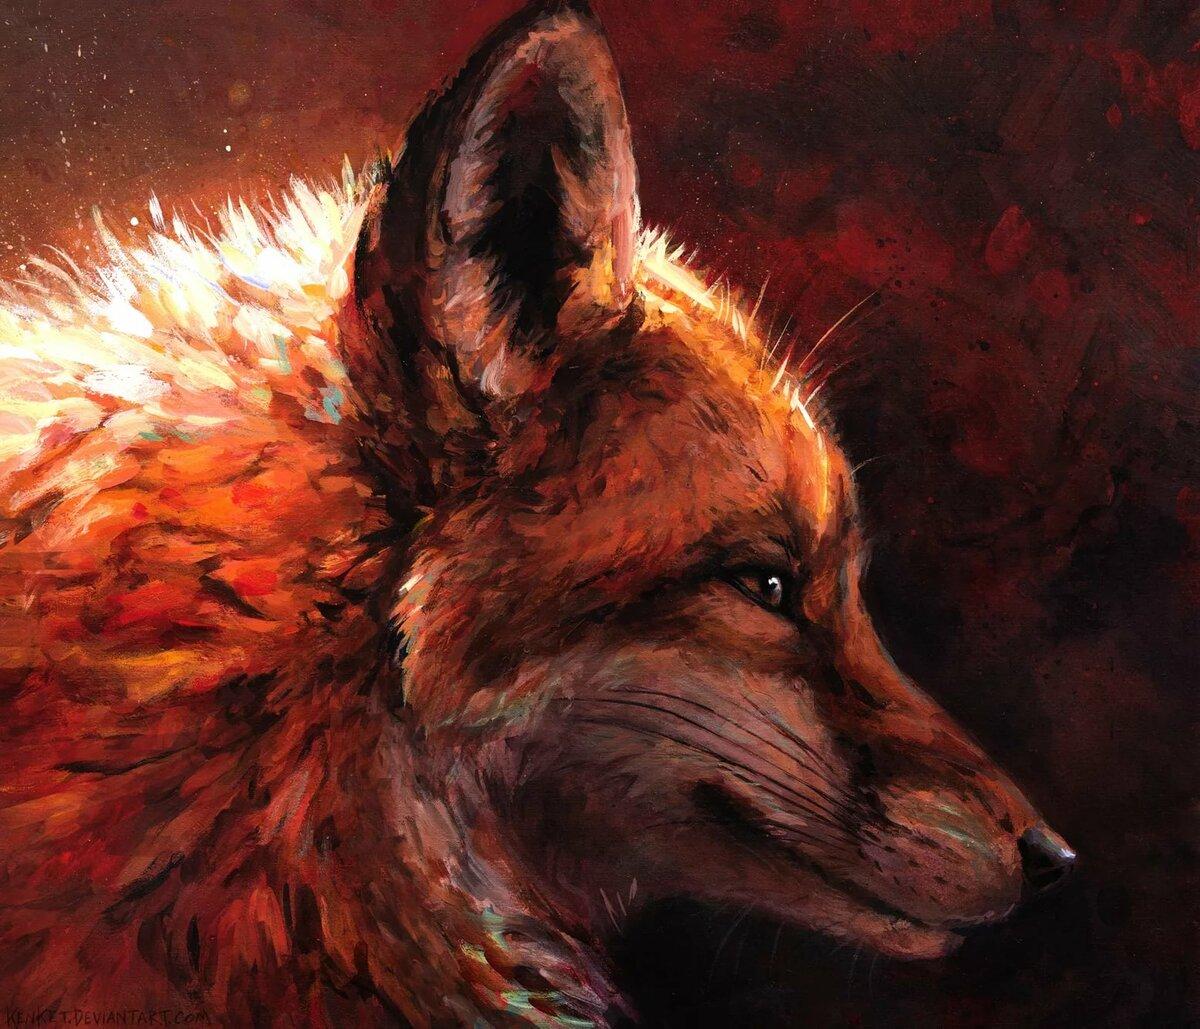 этим лисы красивые картинки эпичные будет огорчений, лишь